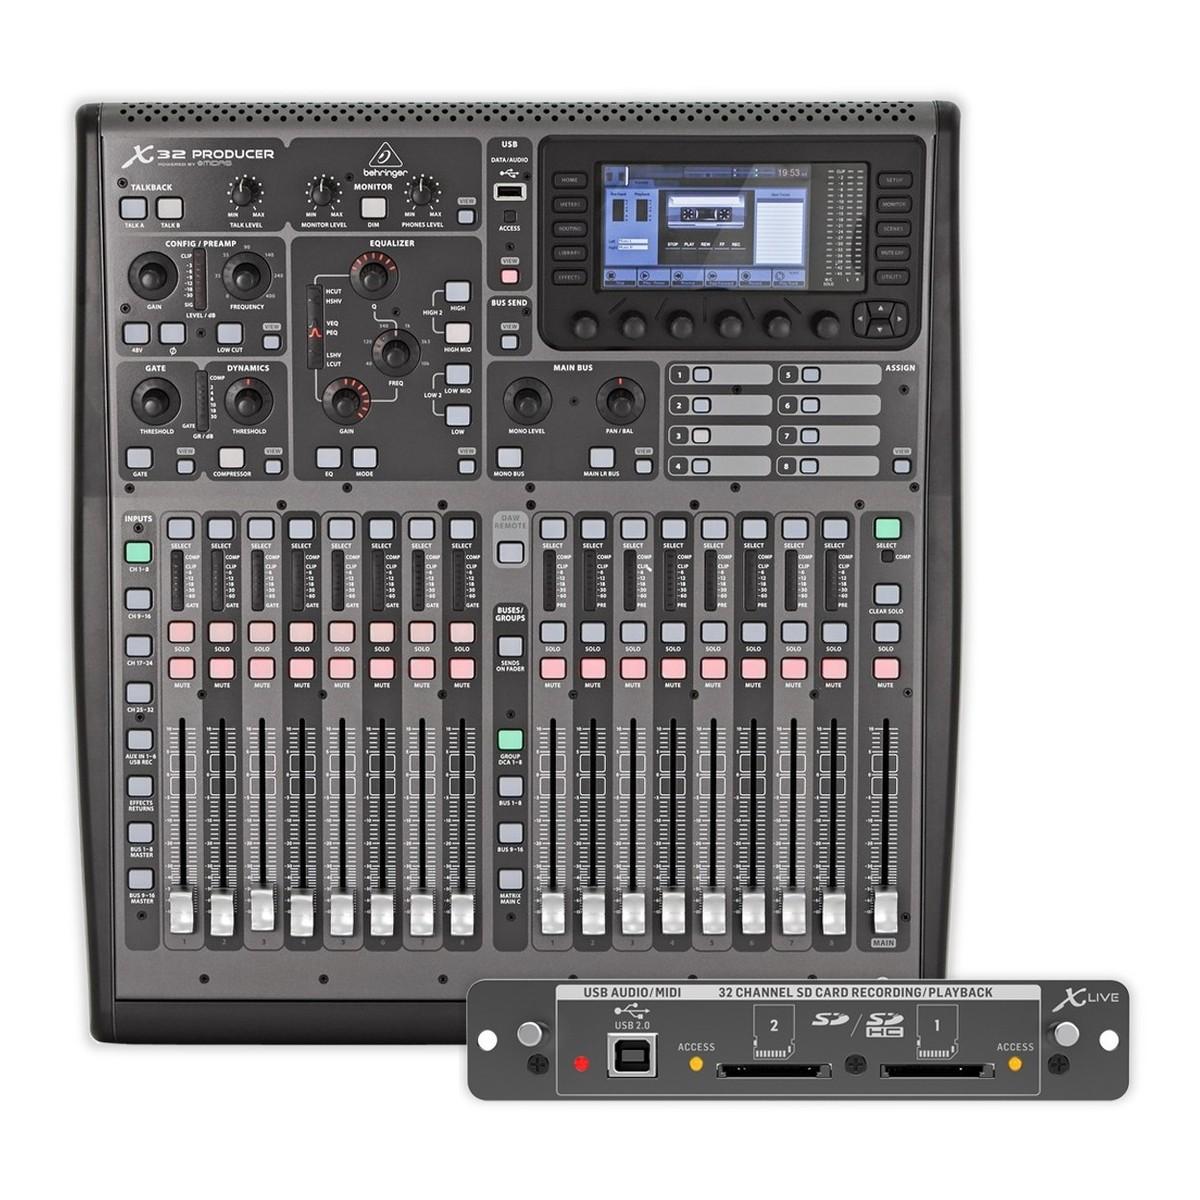 Behringer X32 PRODUCER. Console de Mixage Numérique avec Carte d'Extension X-LIVE   Gear4music